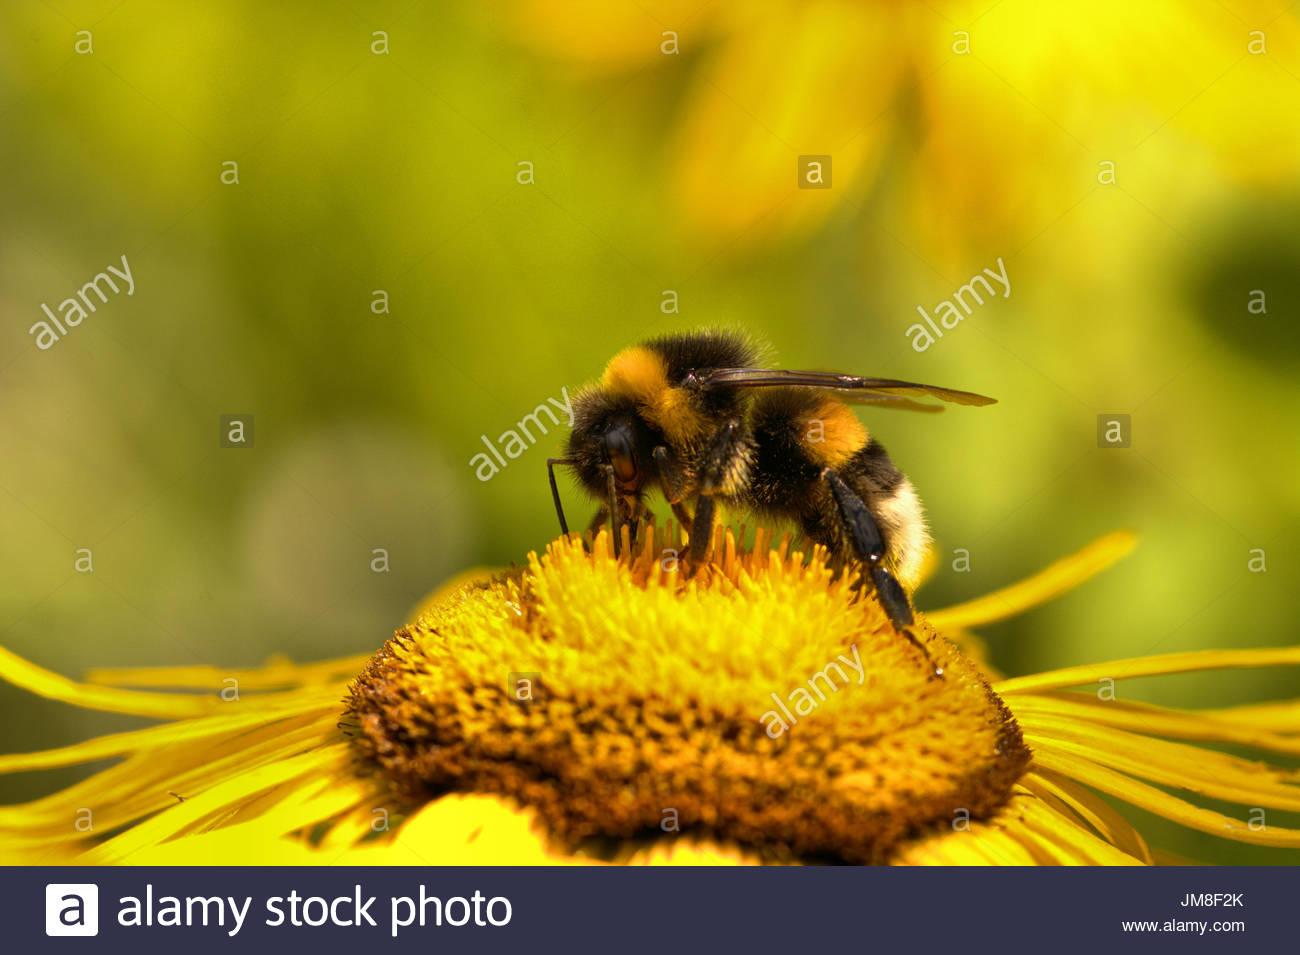 Eine dunkle Erdhummel, Bombus terrestris sammelt Pollen / Nektar auf der gelben Bluete einer Staude - Grosse Telekie Stock Photo